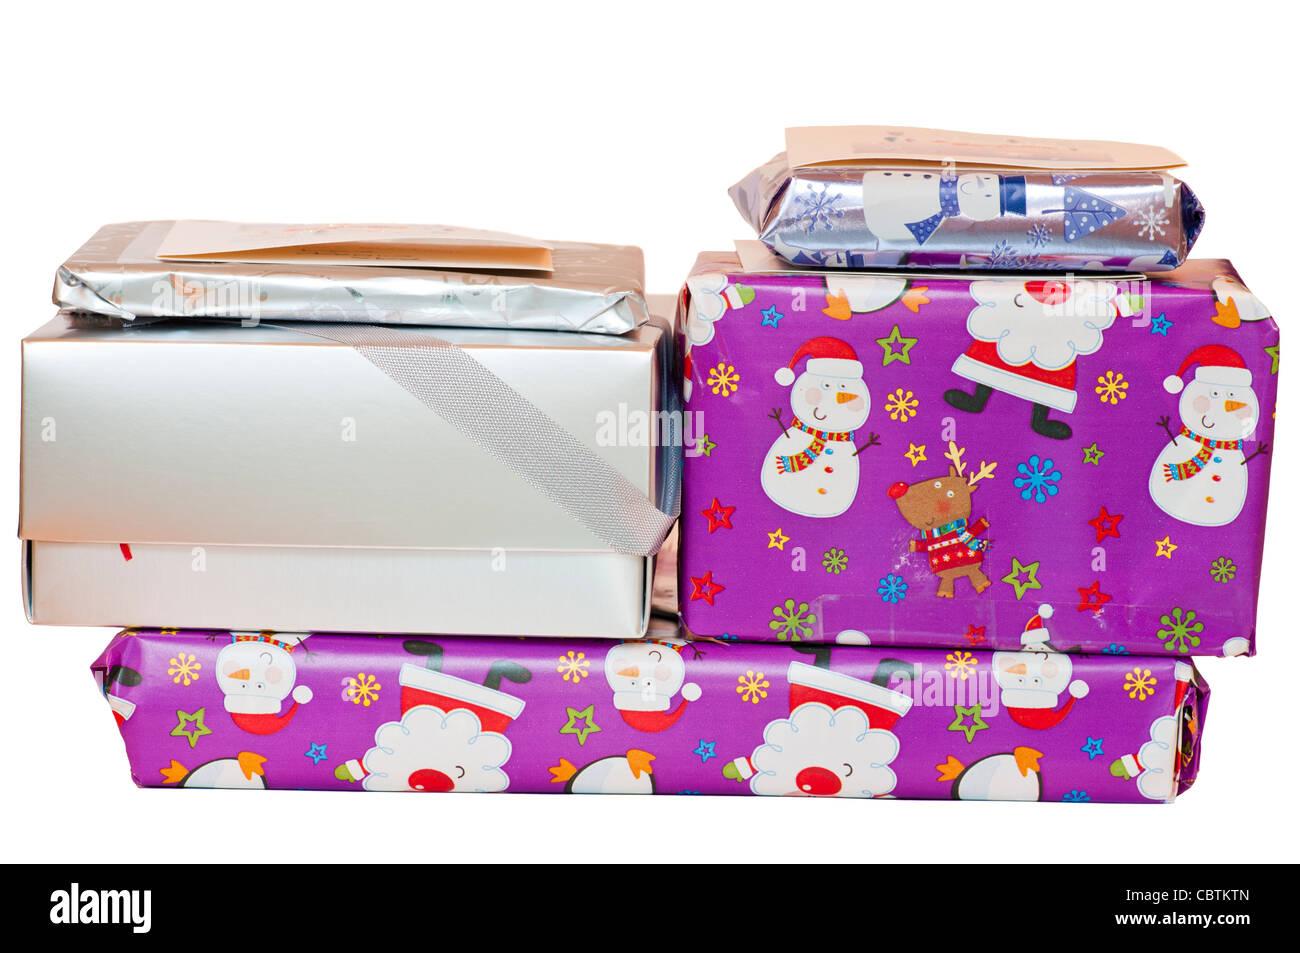 Pile de cadeaux de Noël emballés avec du papier cadeau de Noël Photo Stock